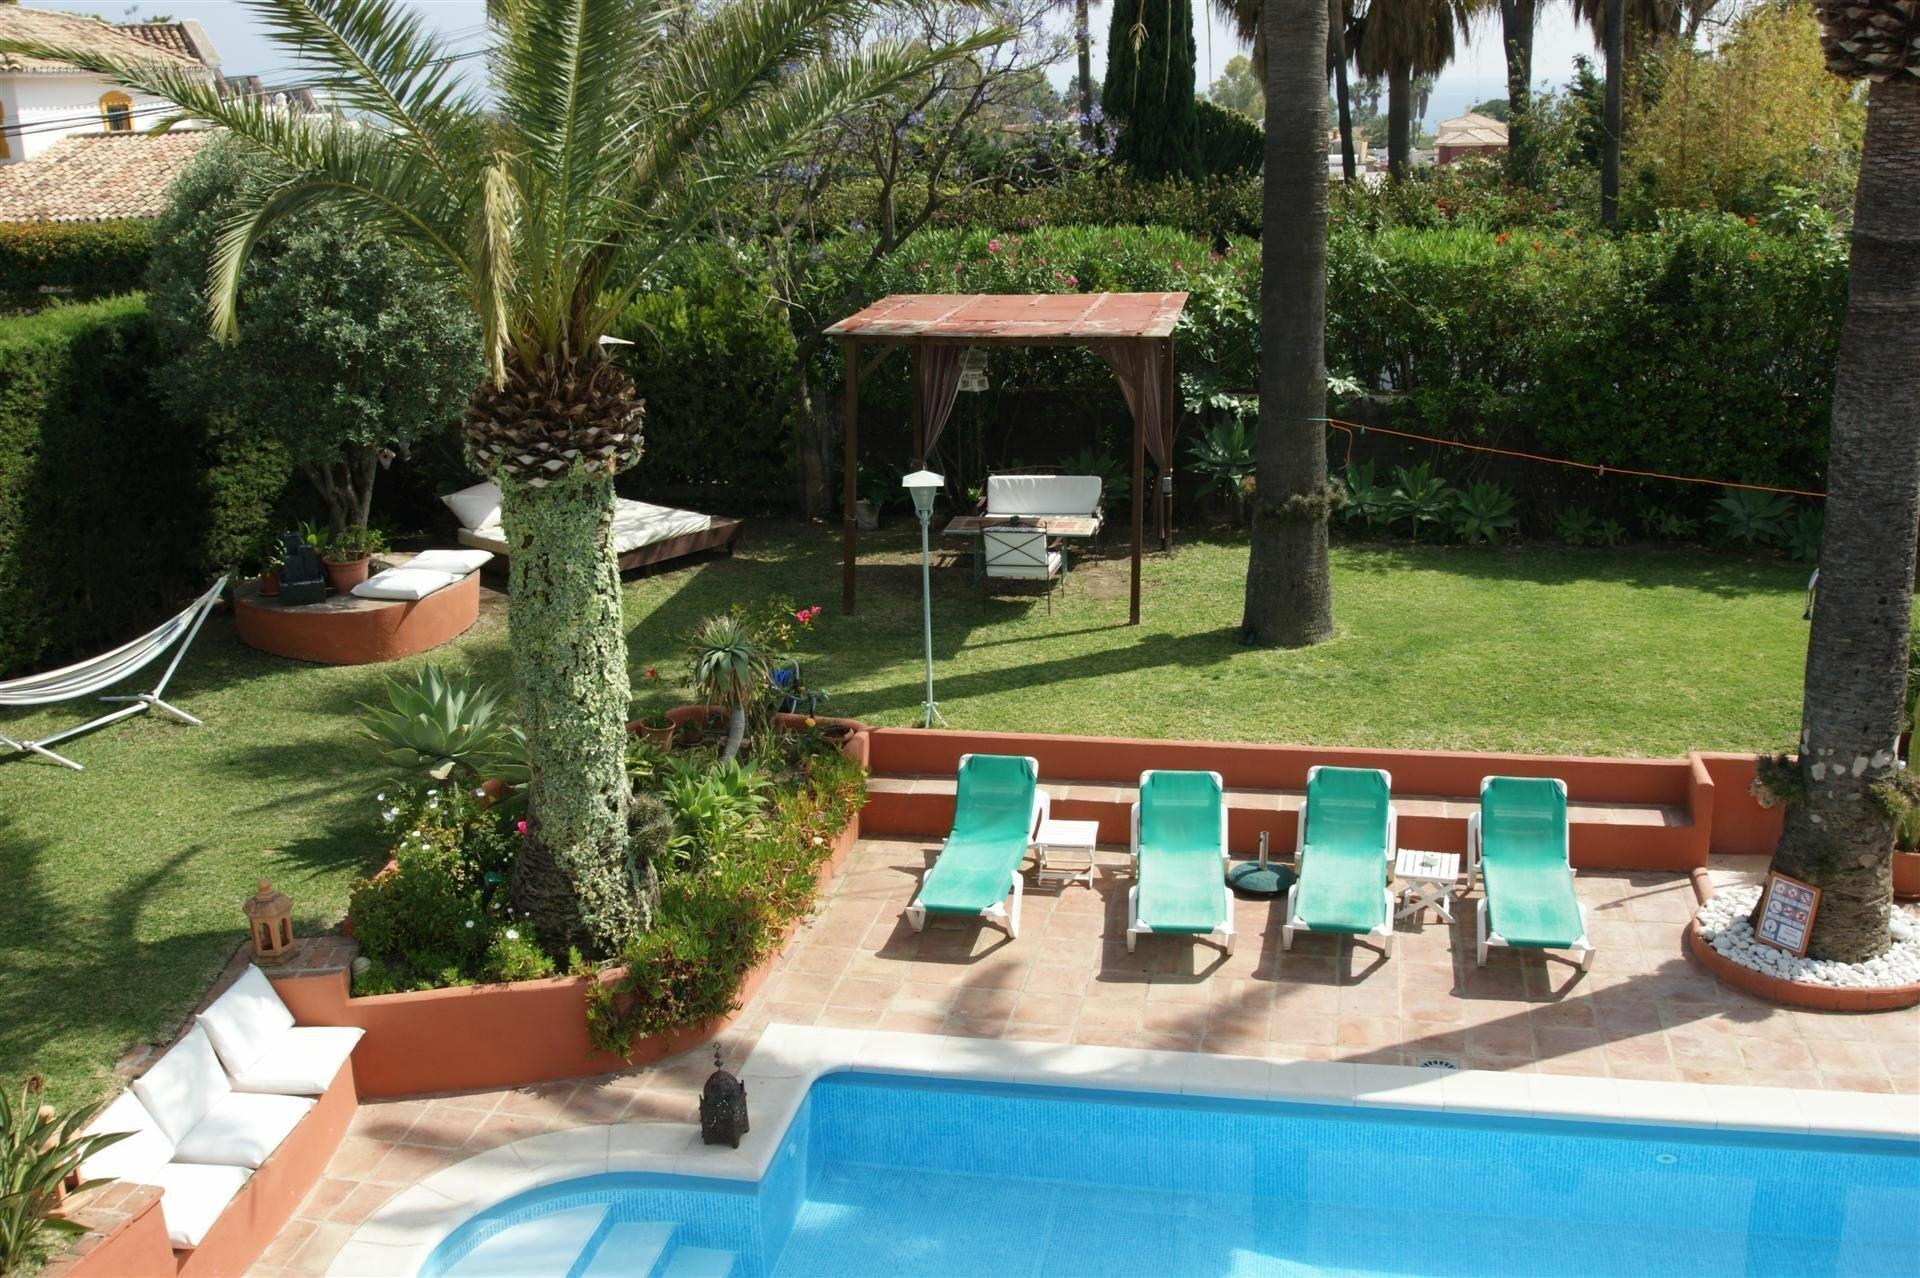 Villa in Marbella, Andalusia, Spain 1 - 10750513